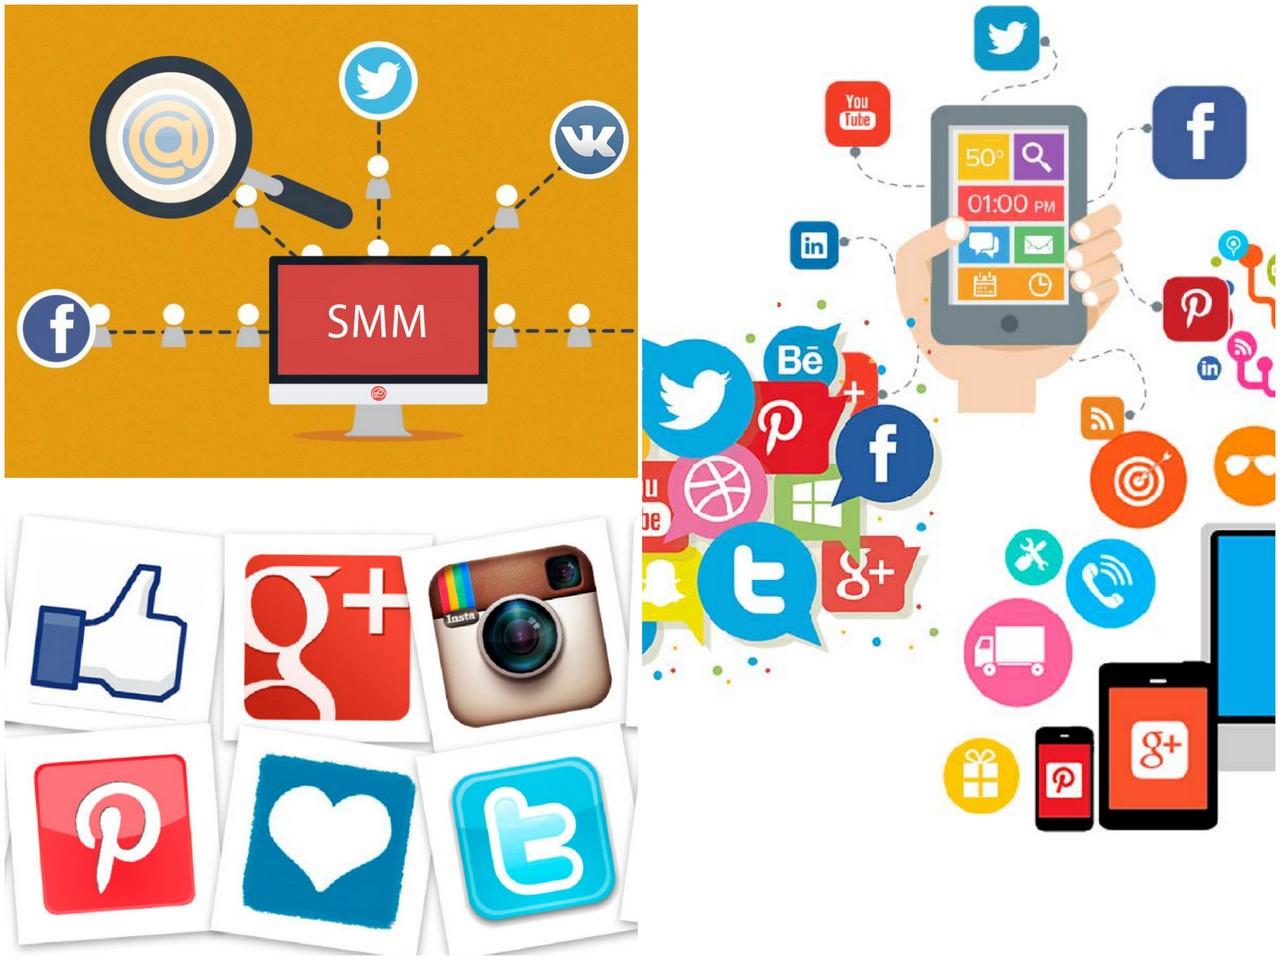 Как осуществляется SMM продвижение в соцсетях